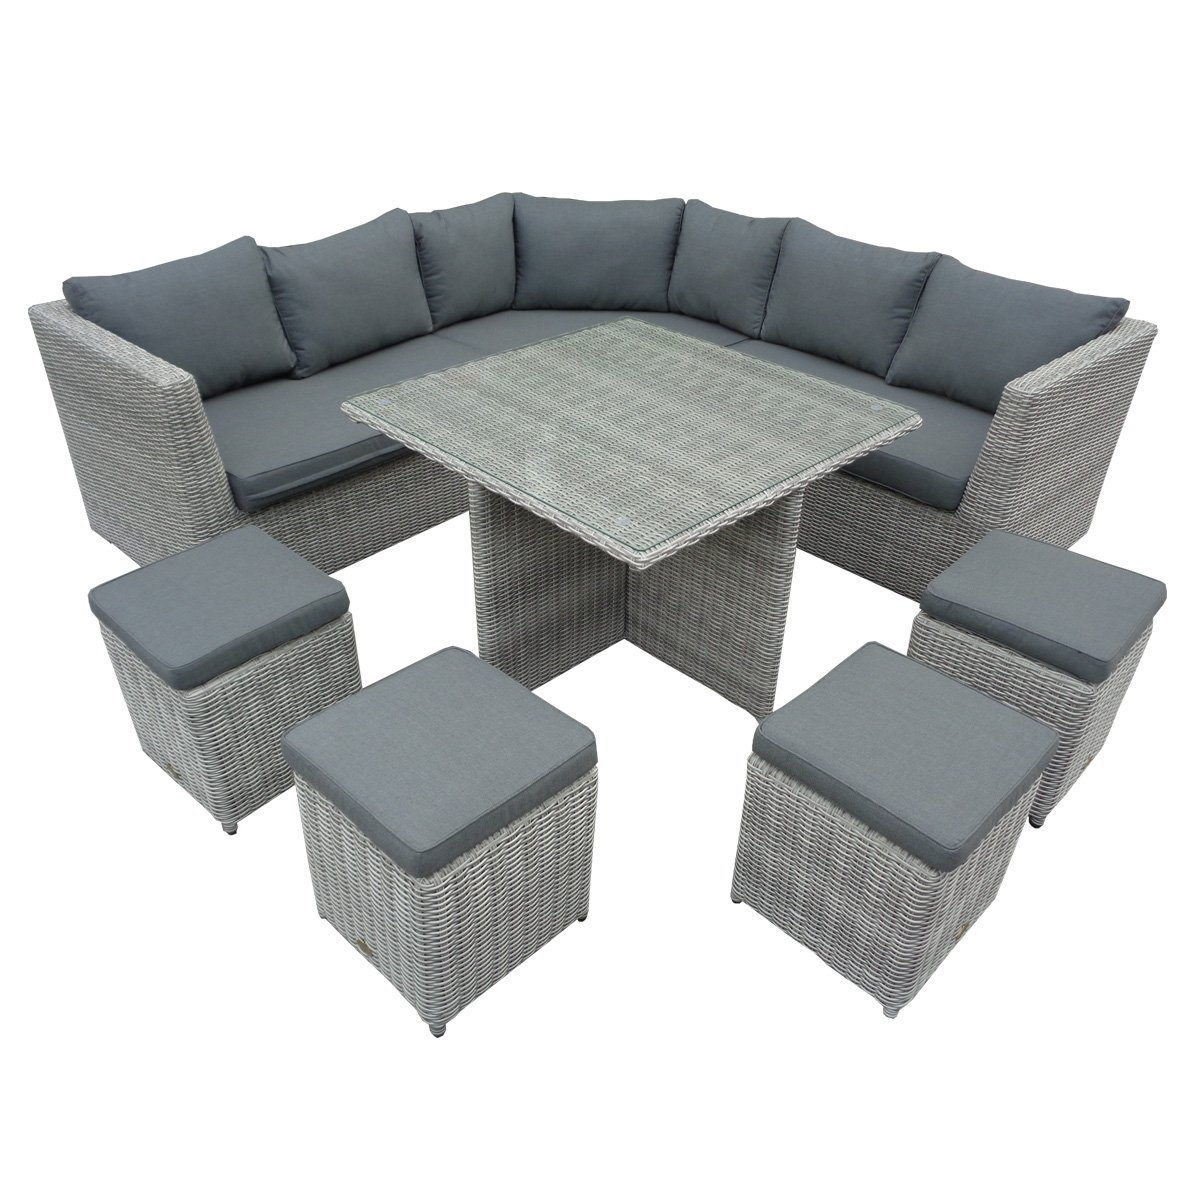 Garten-Lounge-Set 1 Ecksofa für 4 Personen, 4 Hocker, 1 ...